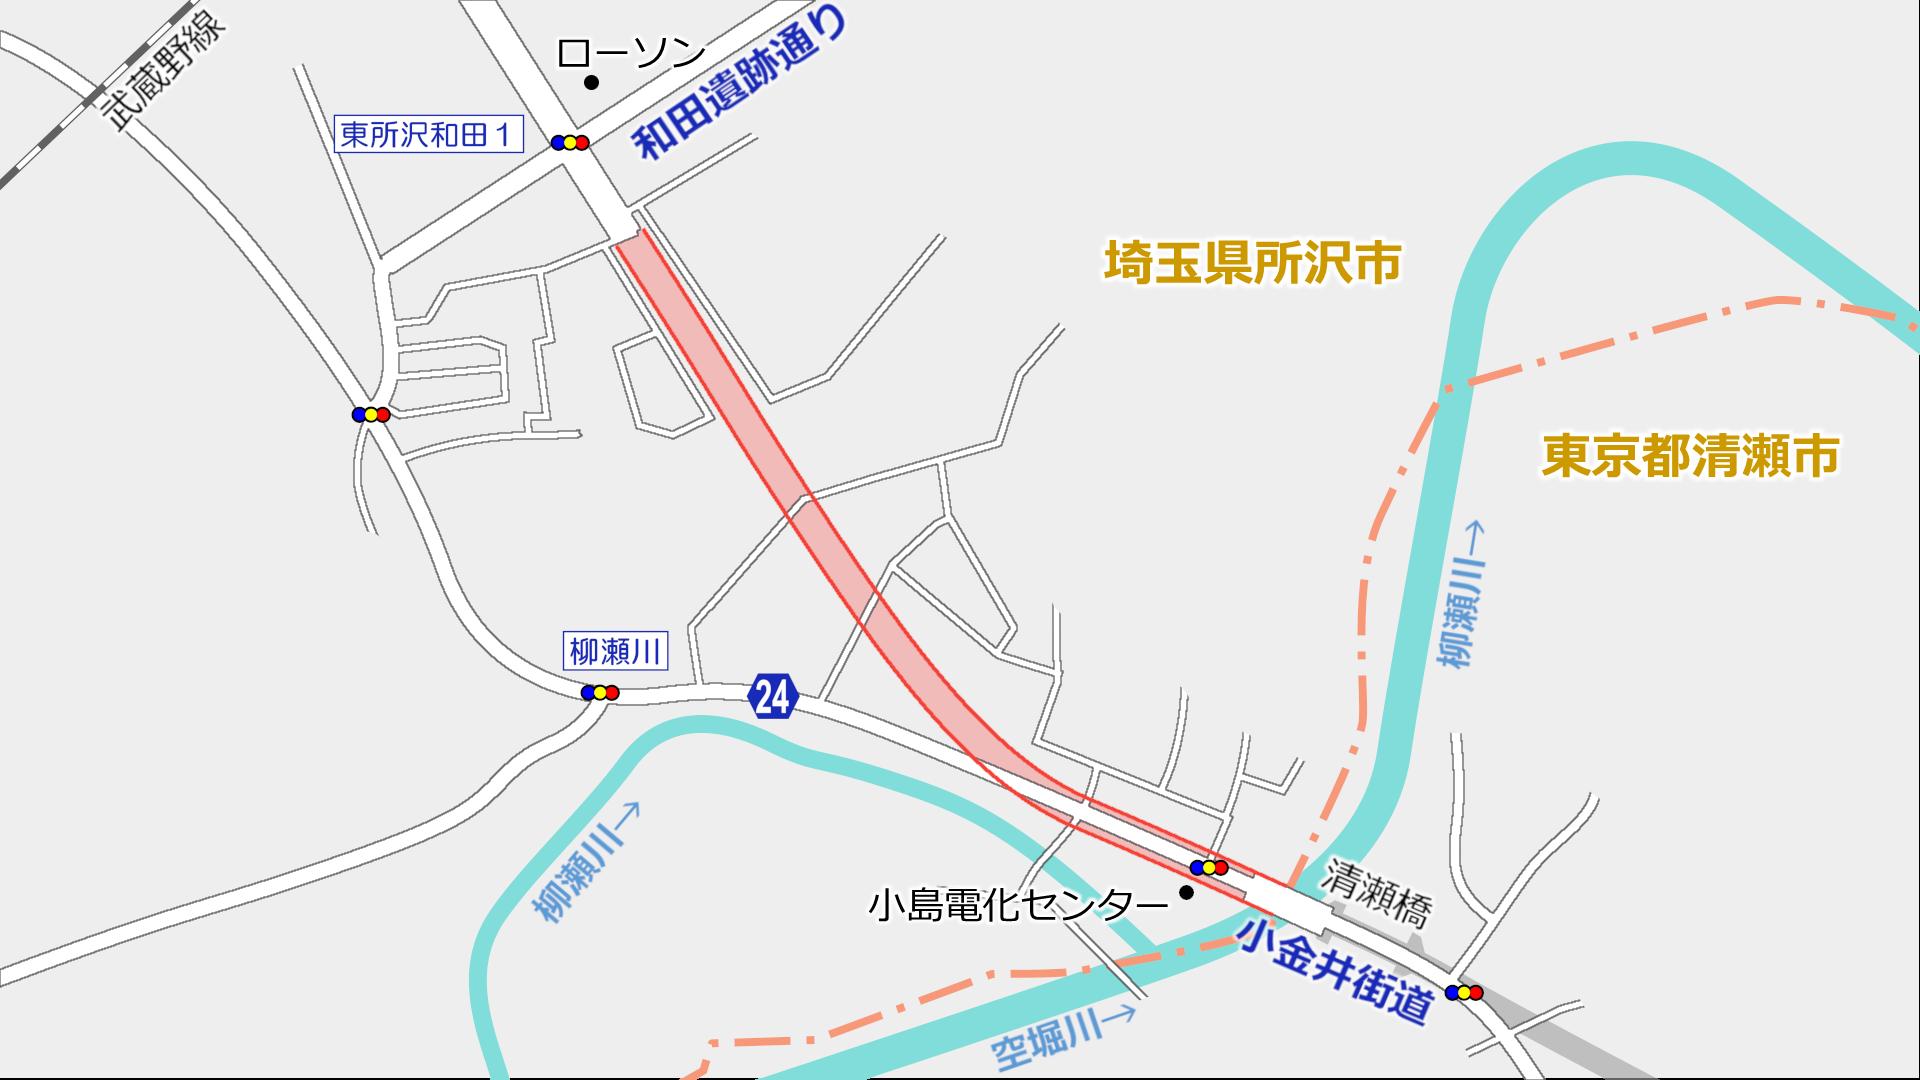 所沢3・3・2号東京狭山線 下安松工区 進捗状況2019.4 : 俺の居場所2